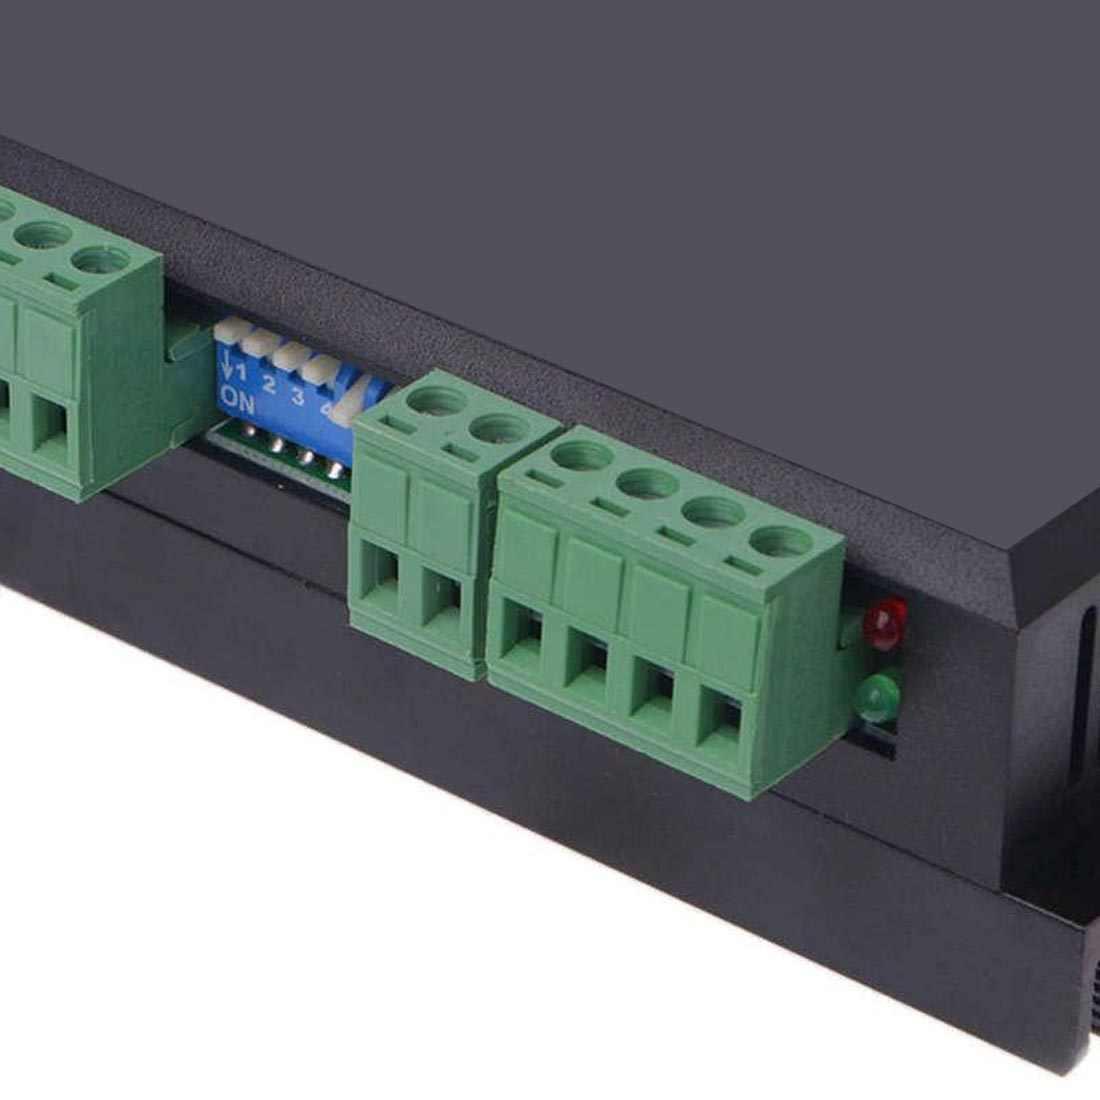 Carte de contrôleur d'imprimante 3D moteur pas à pas plongeur DM860H Microstep moteur sans brosse DC moteur Shell pour 57 86 moteur pas à pas Nema23